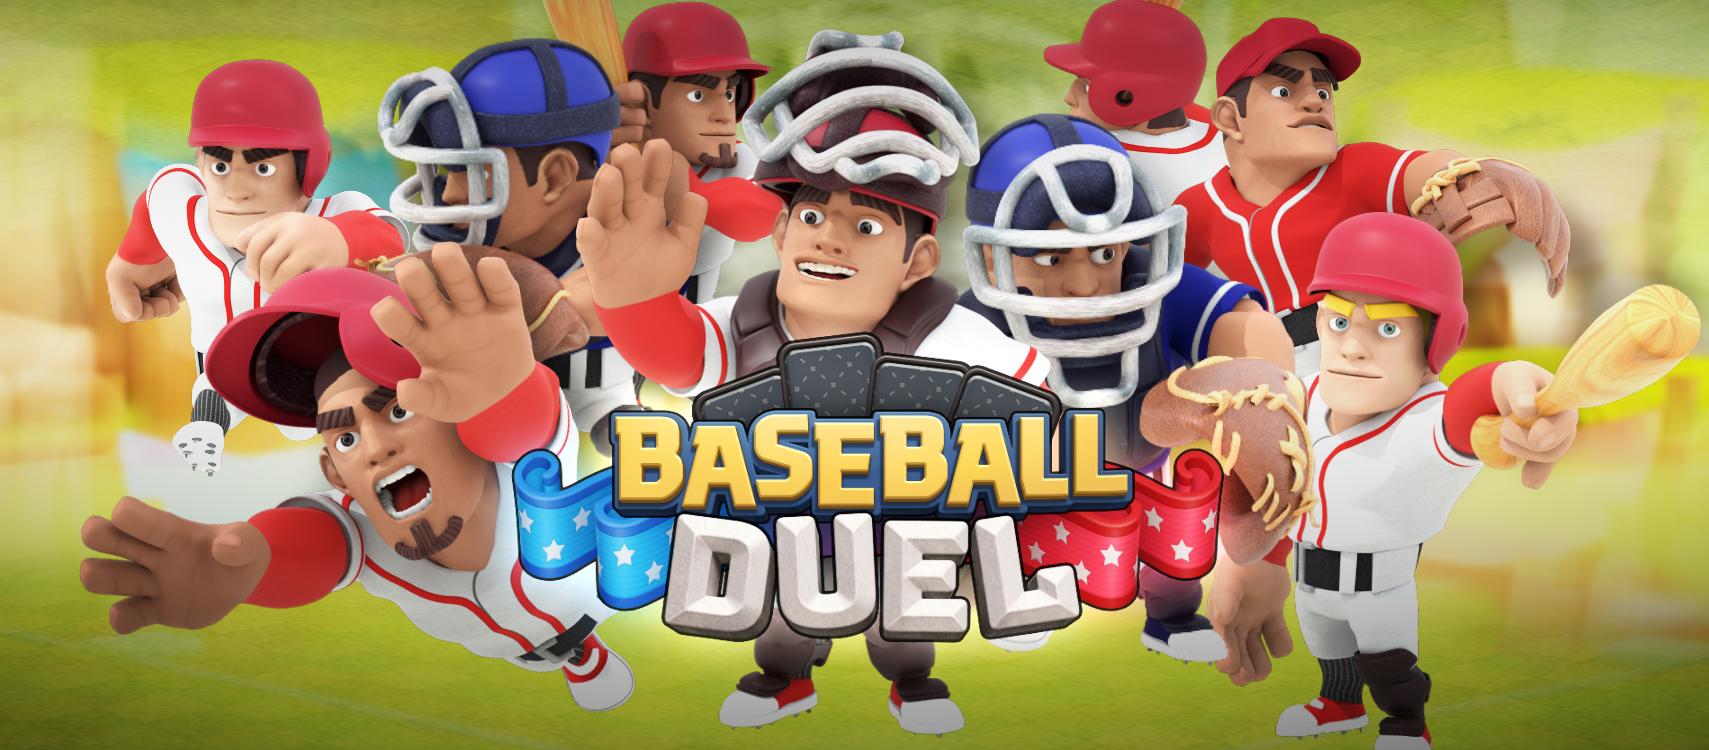 베이스볼 듀얼(BASEBALL DUEL)